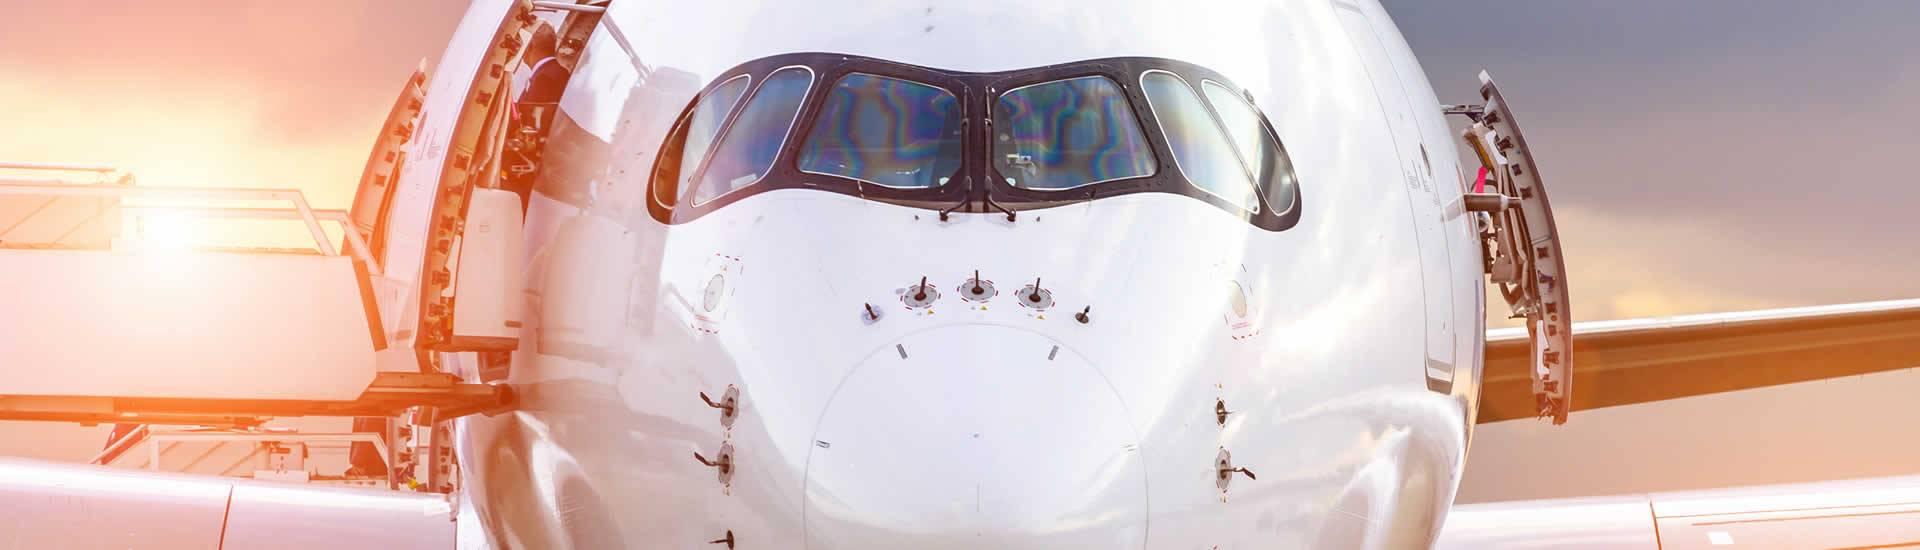 Aviation Flugzeugfront